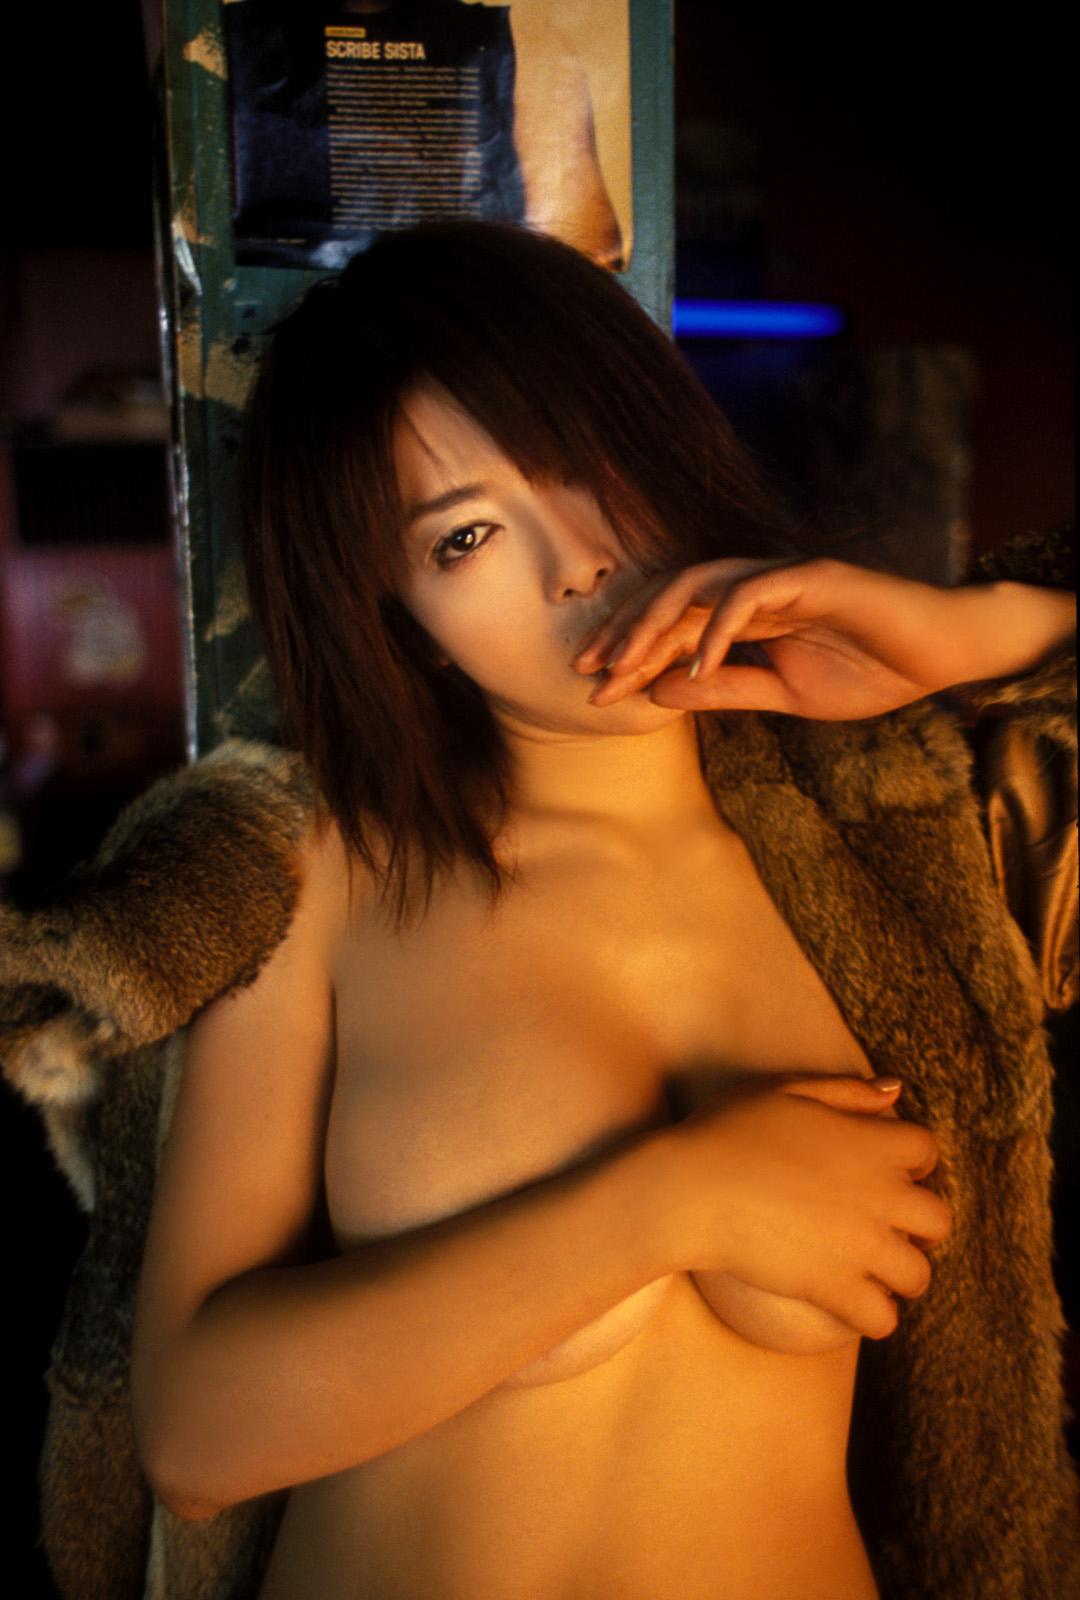 【フェチエロ画像】乳首をギリで隠した状態が見えているときよりも抜けてしまう件www  18